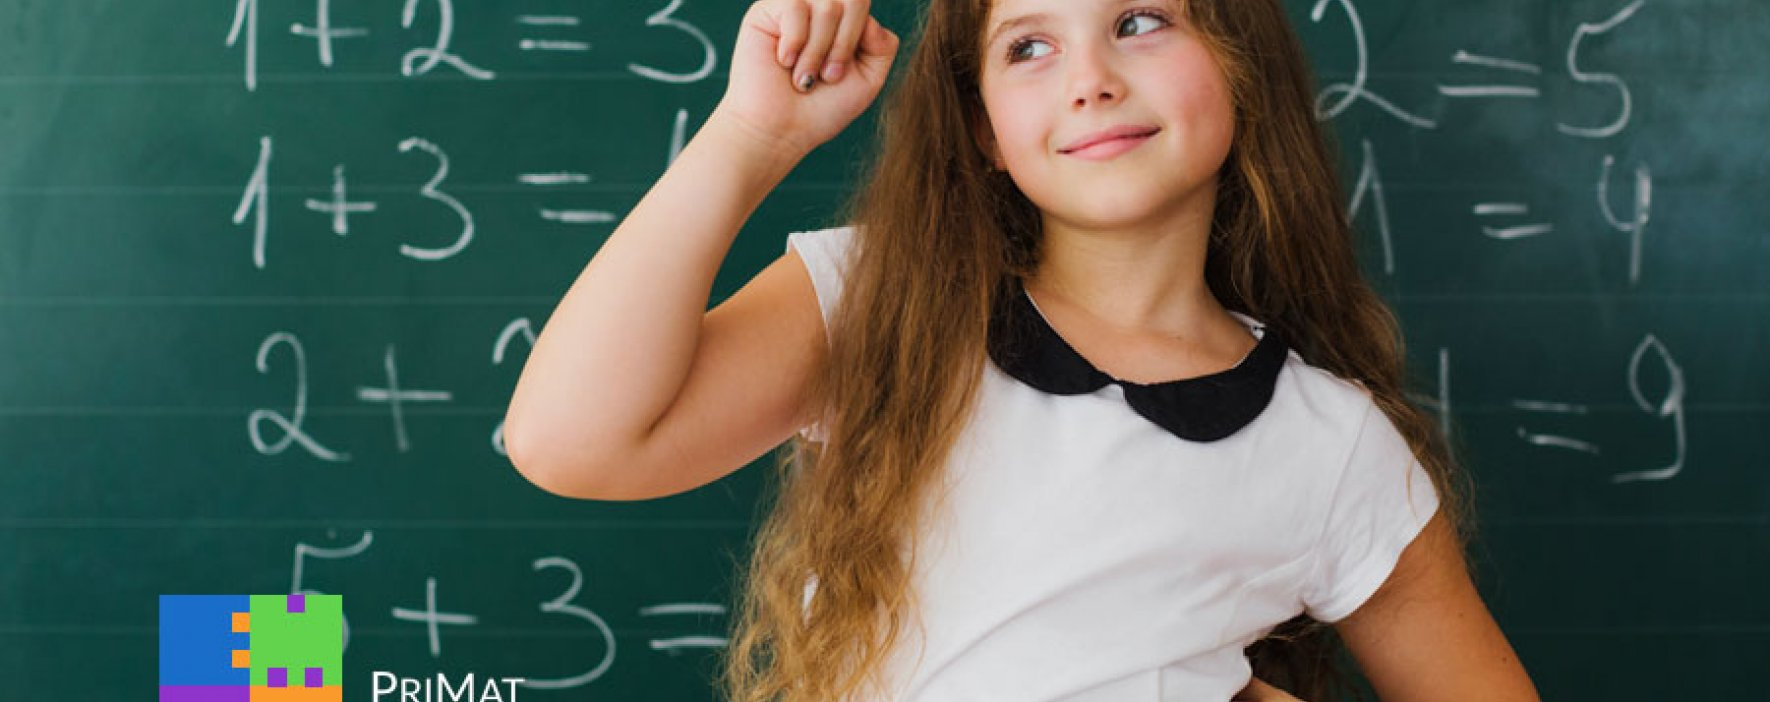 La Fundación Compartir participa en MOOC especializado para profesores de Matemáticas